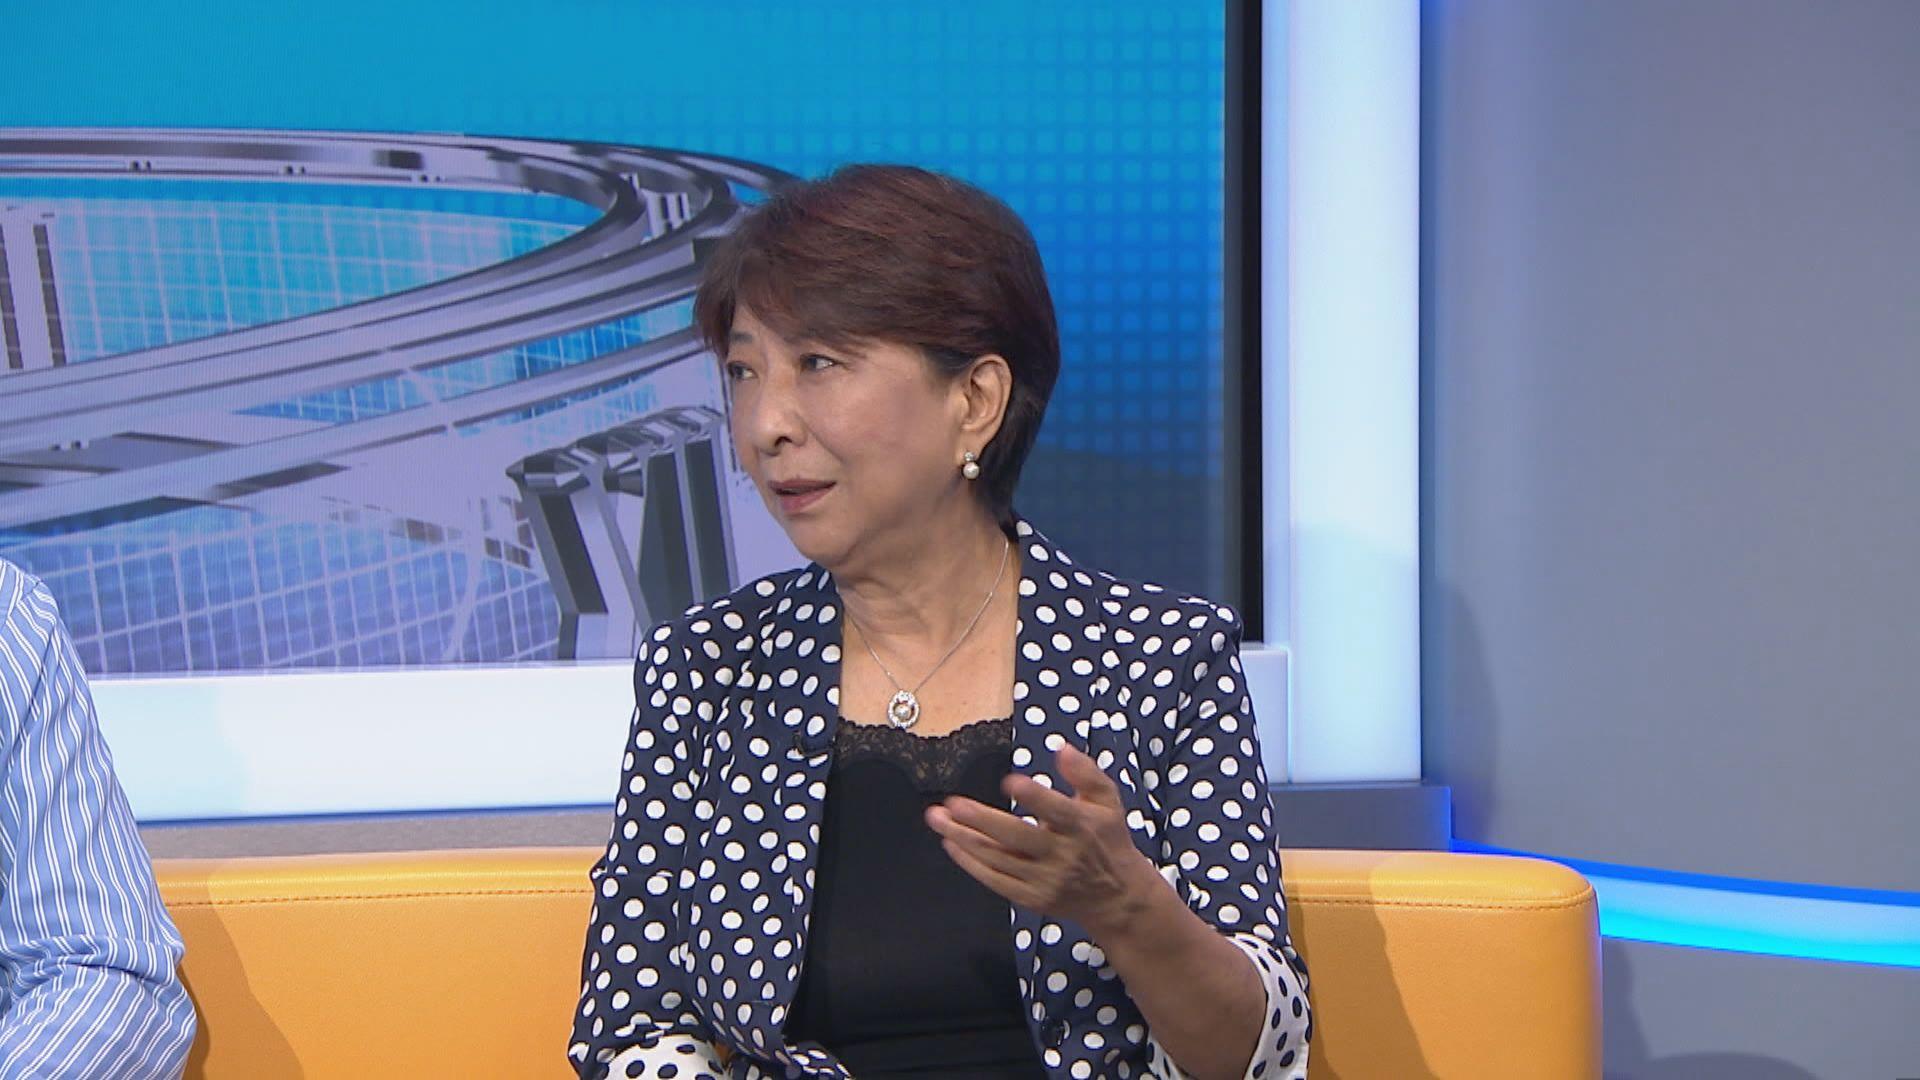 蔣麗芸:舉行對話但不回應訴求只會適得其反